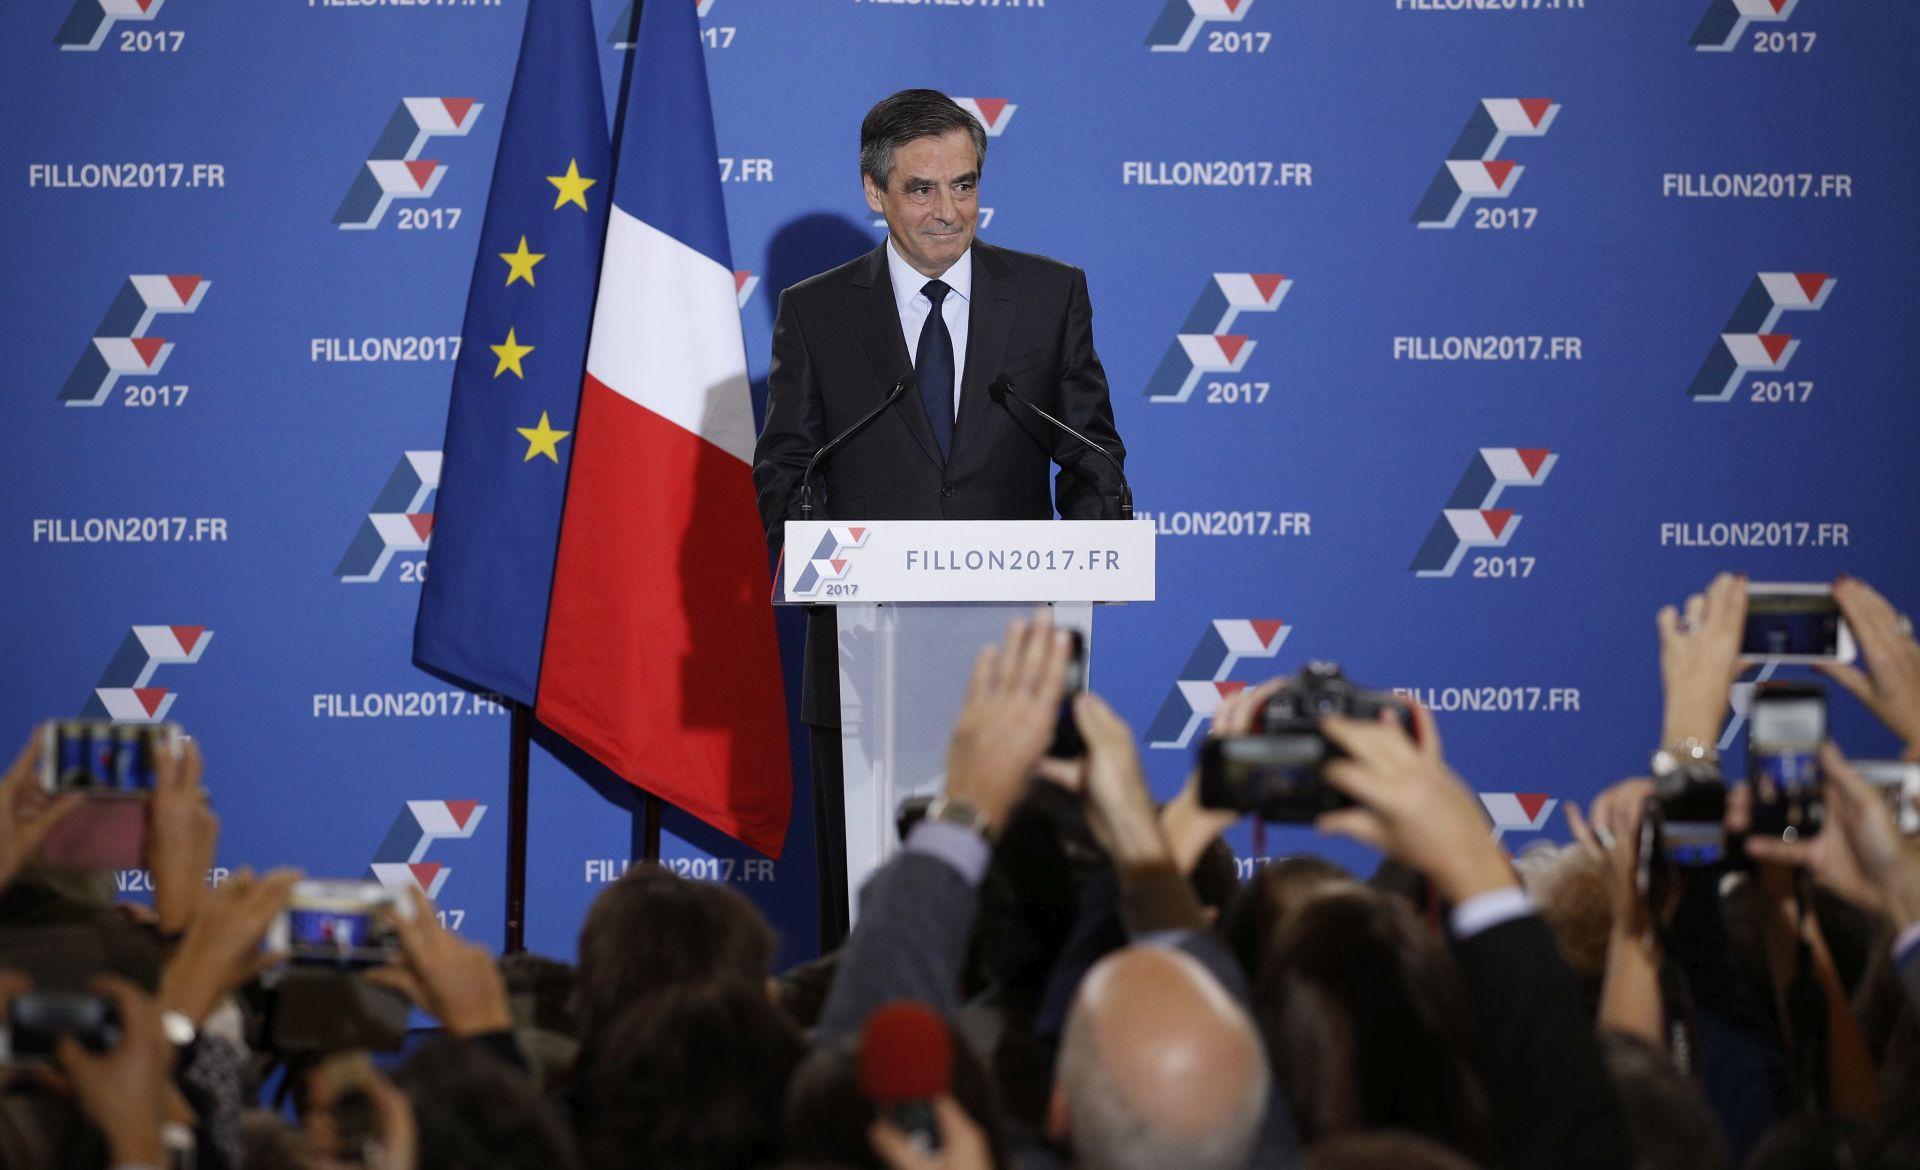 RAZGOVORI S MERKEL: Kandidat francuskih konzervativaca Fillon u Berlinu